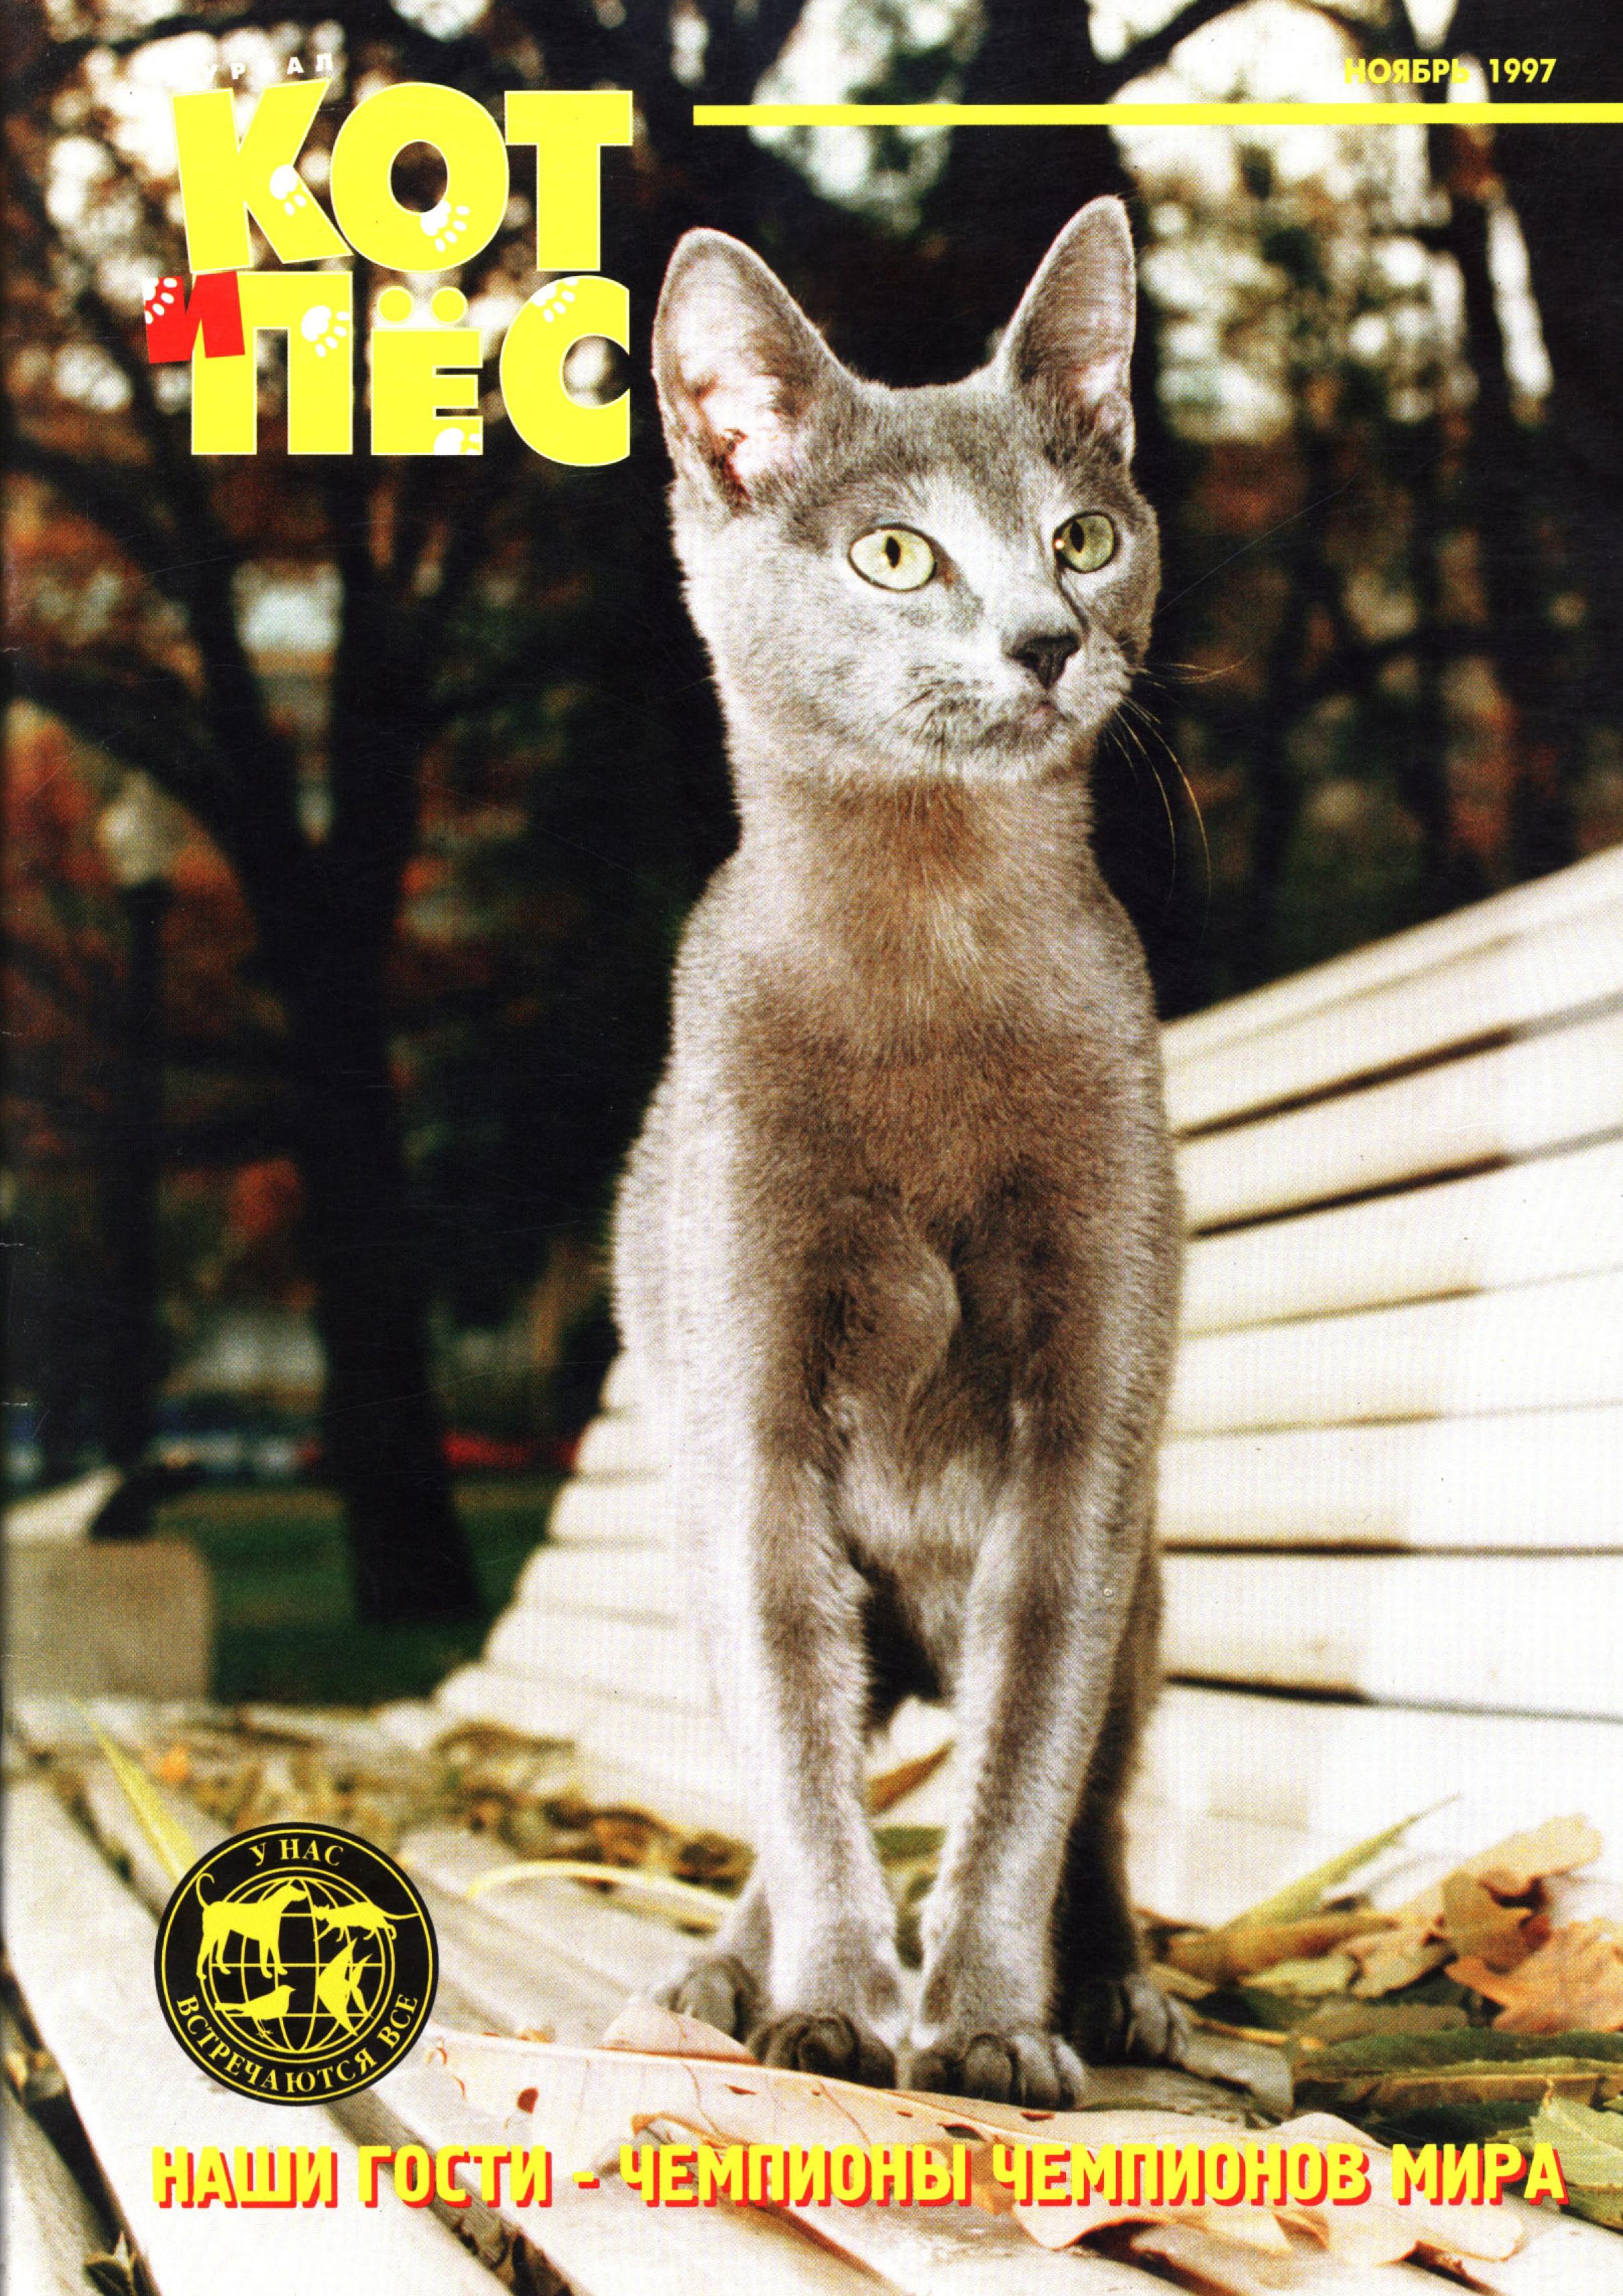 Отсутствует Кот и Пёс №11/1997